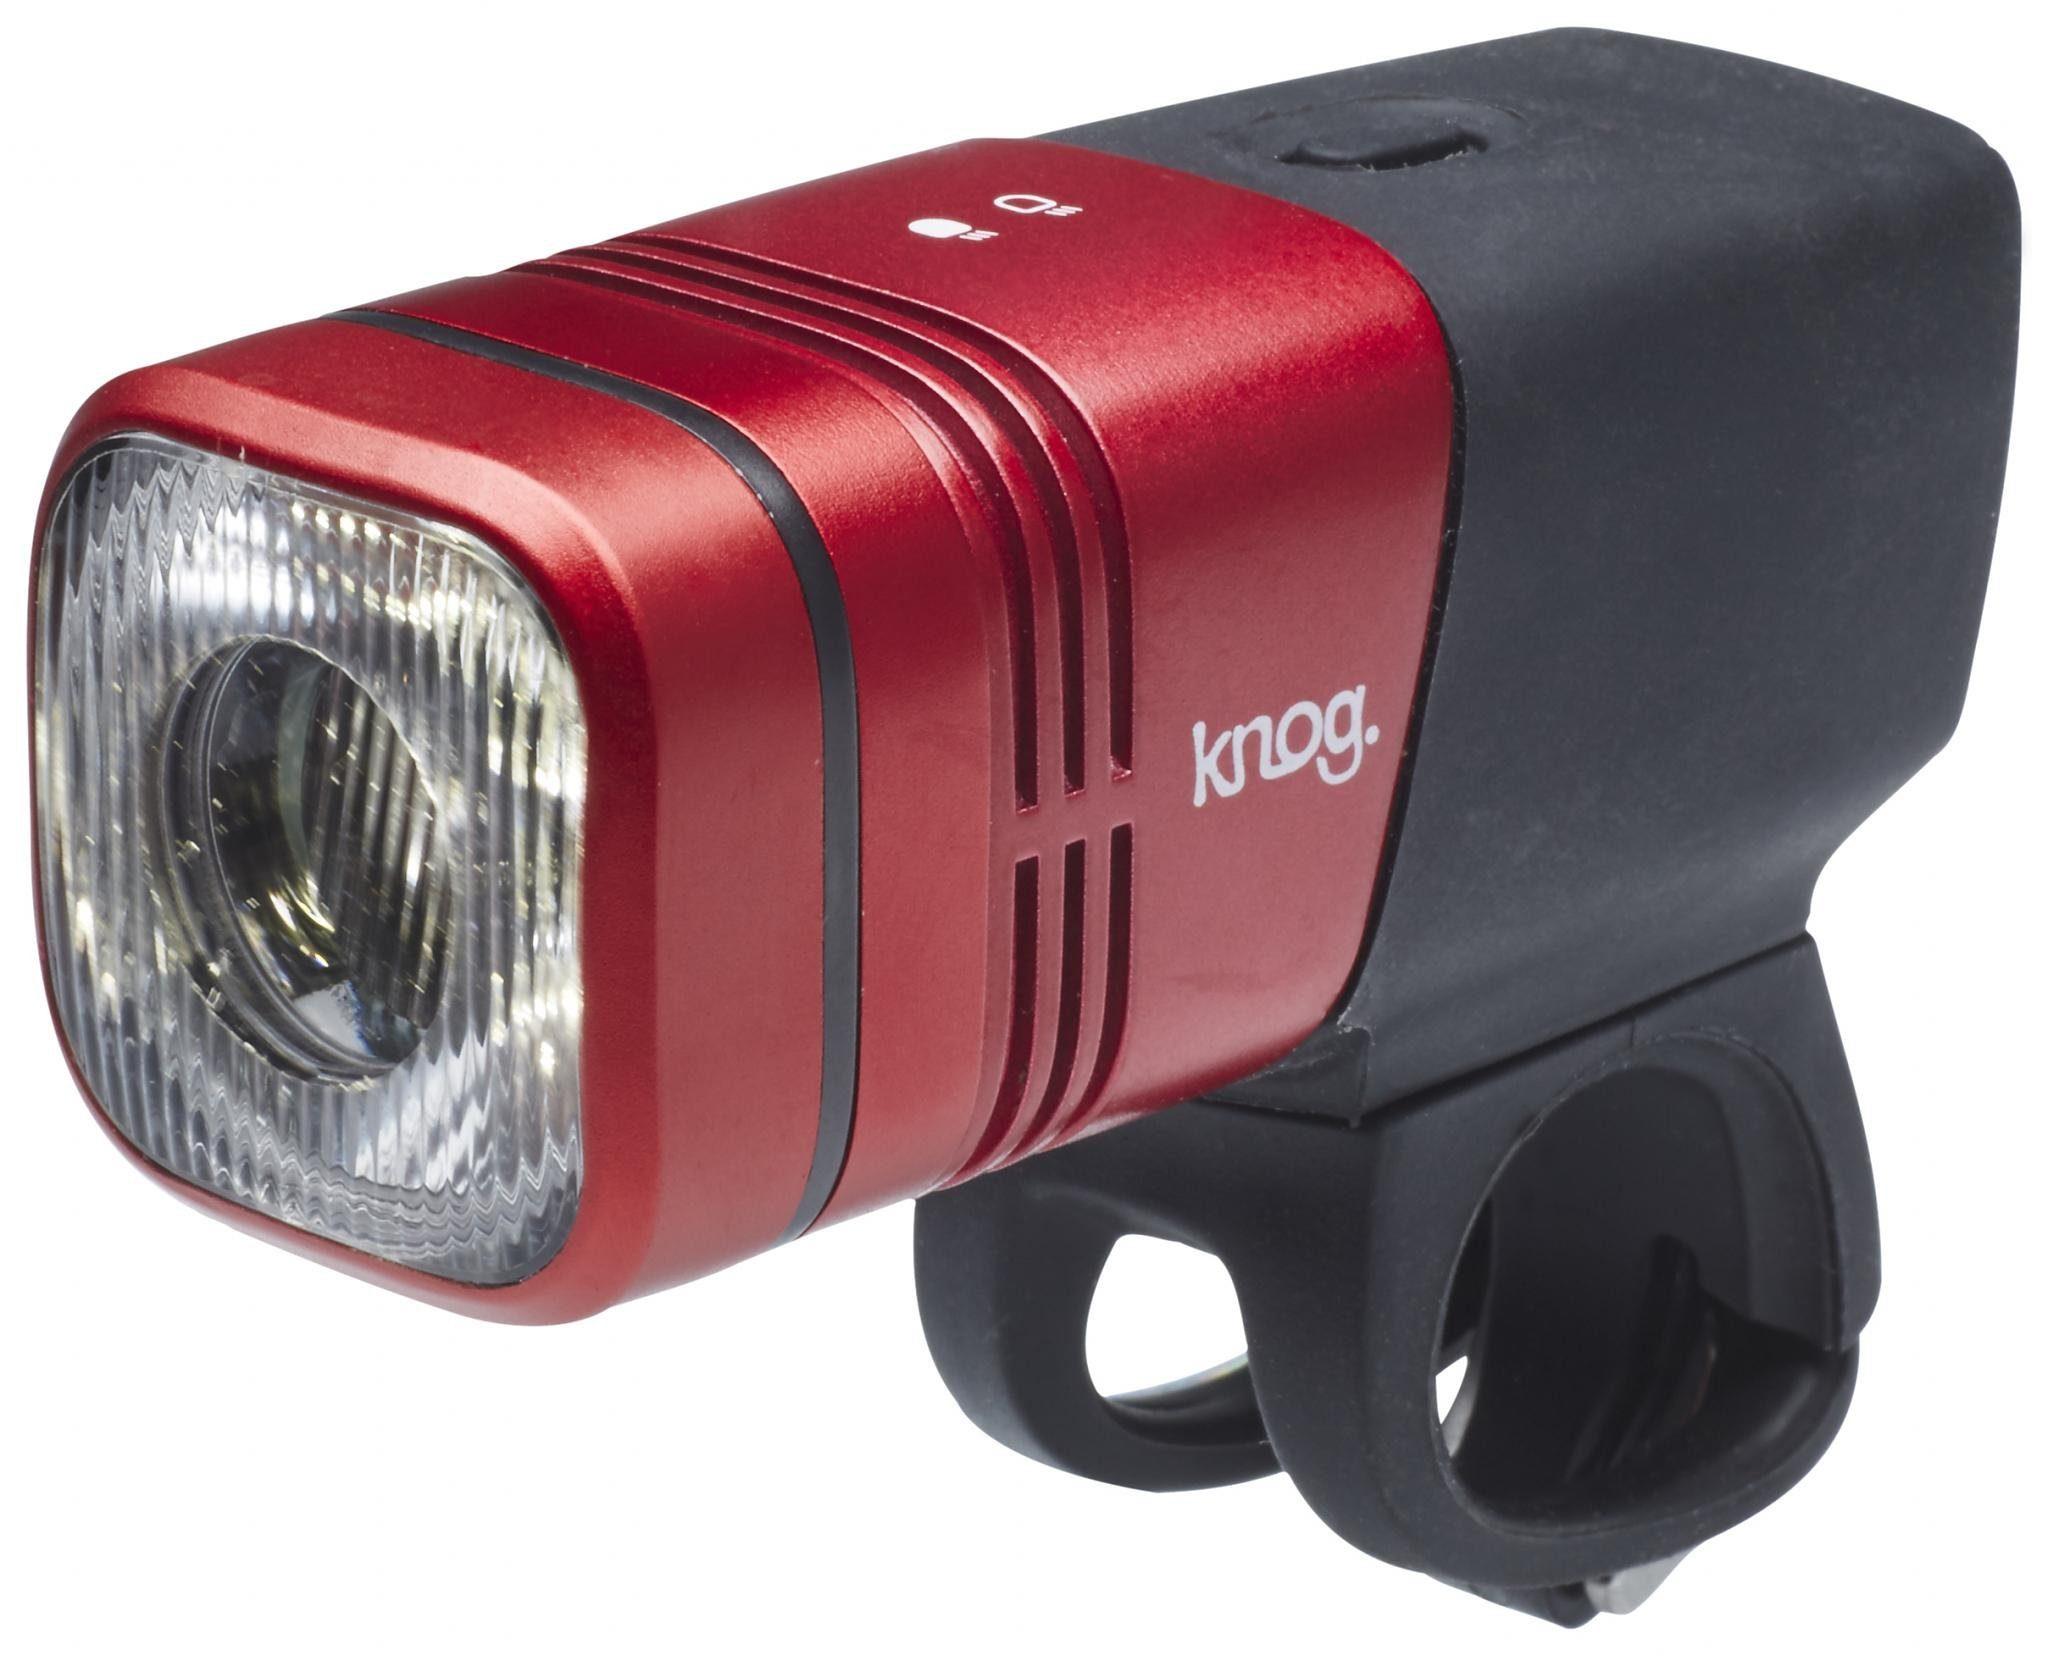 Knog Fahrradbeleuchtung »Blinder Beam 170 Frontlicht StVZO weiße LED«